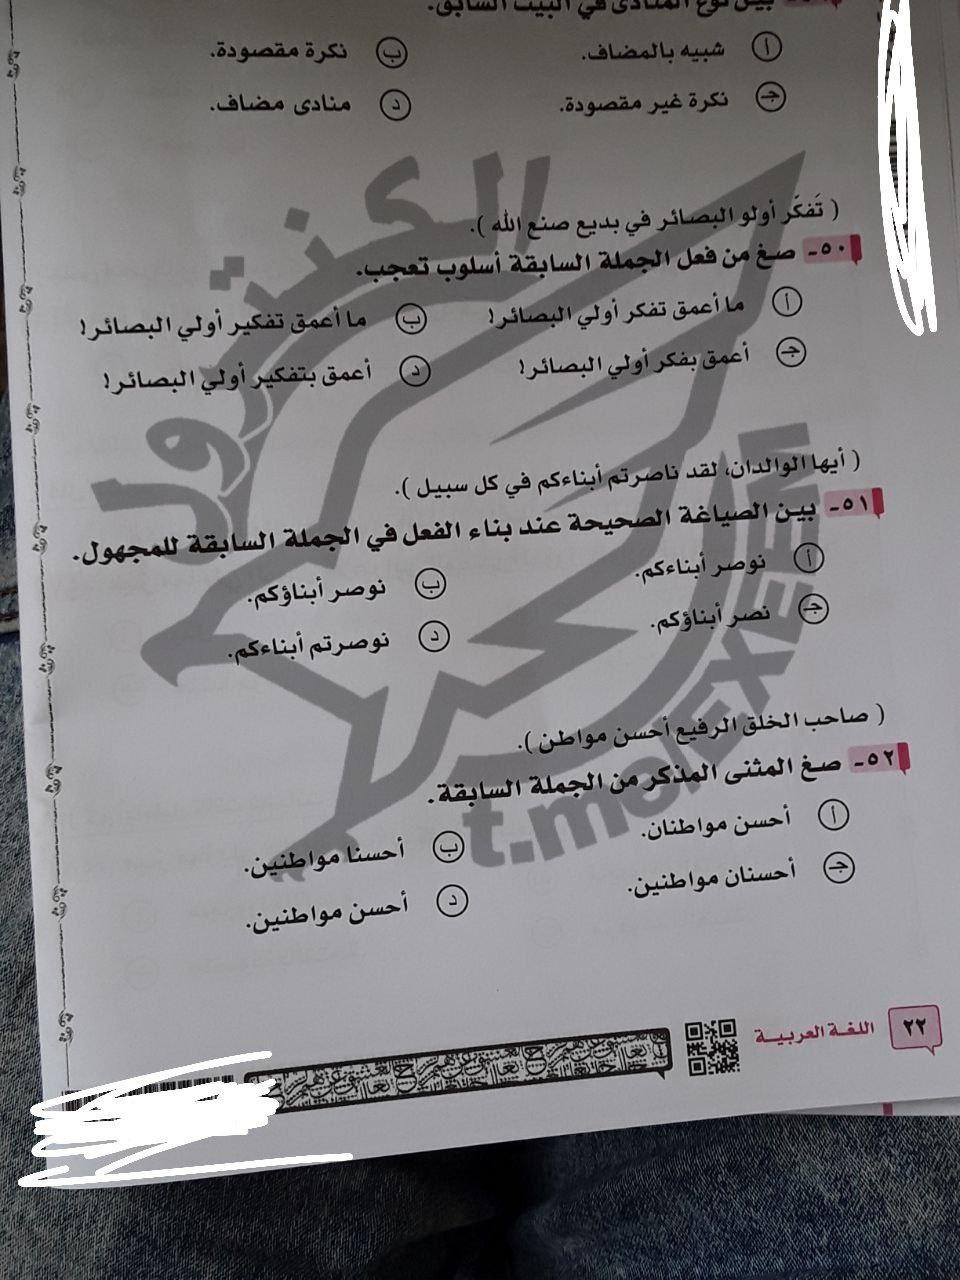 برلمانية: تداول امتحان اللغة العربية للثانوية العامة فشل لوزارة التعليم واستدعاء للقائمين على الامتحانات  0012210